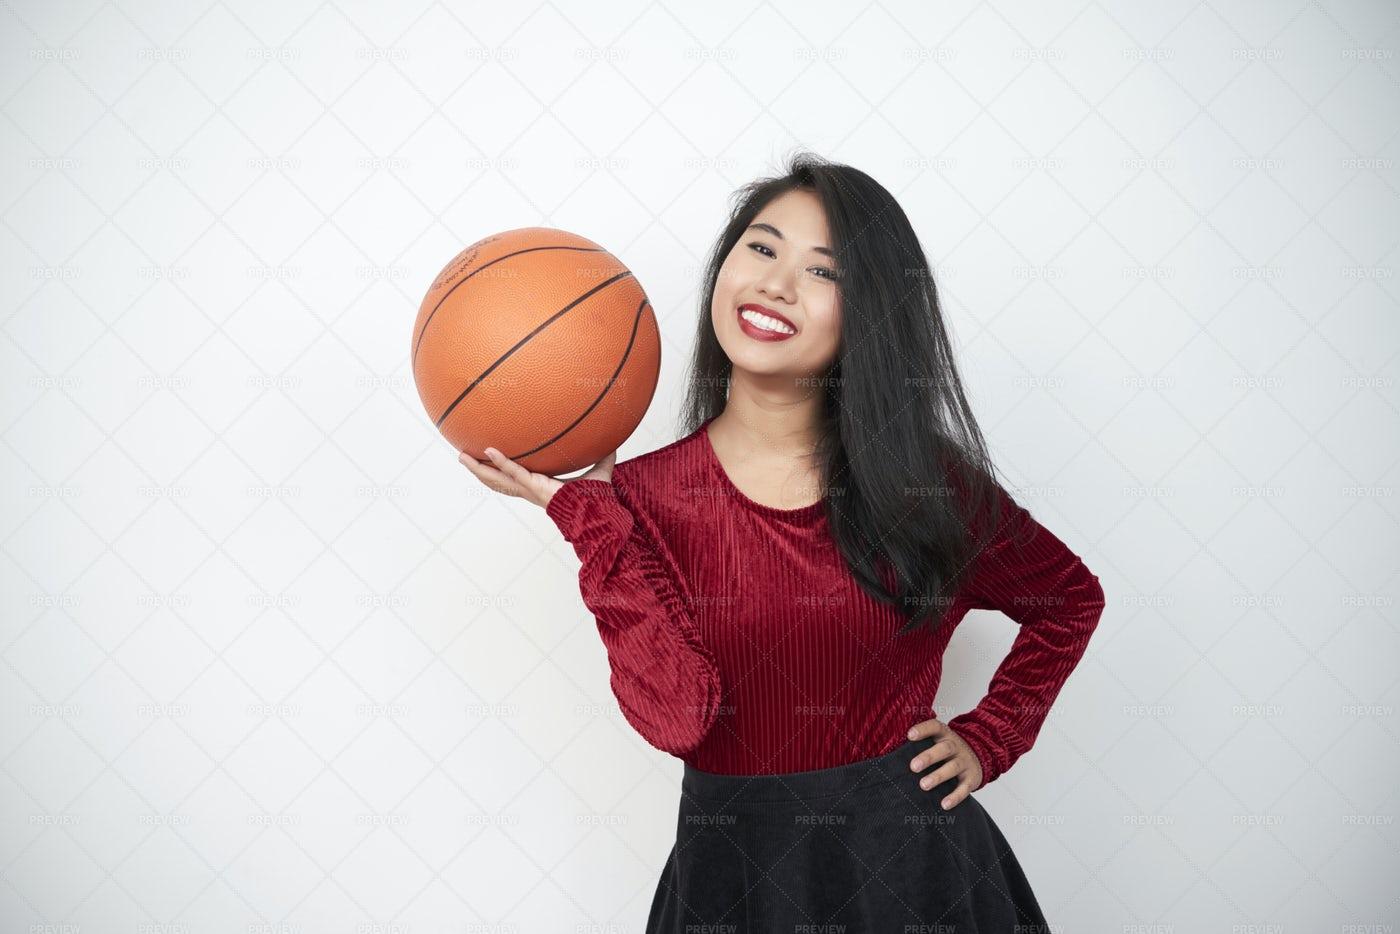 Woman Loves Basketball: Stock Photos